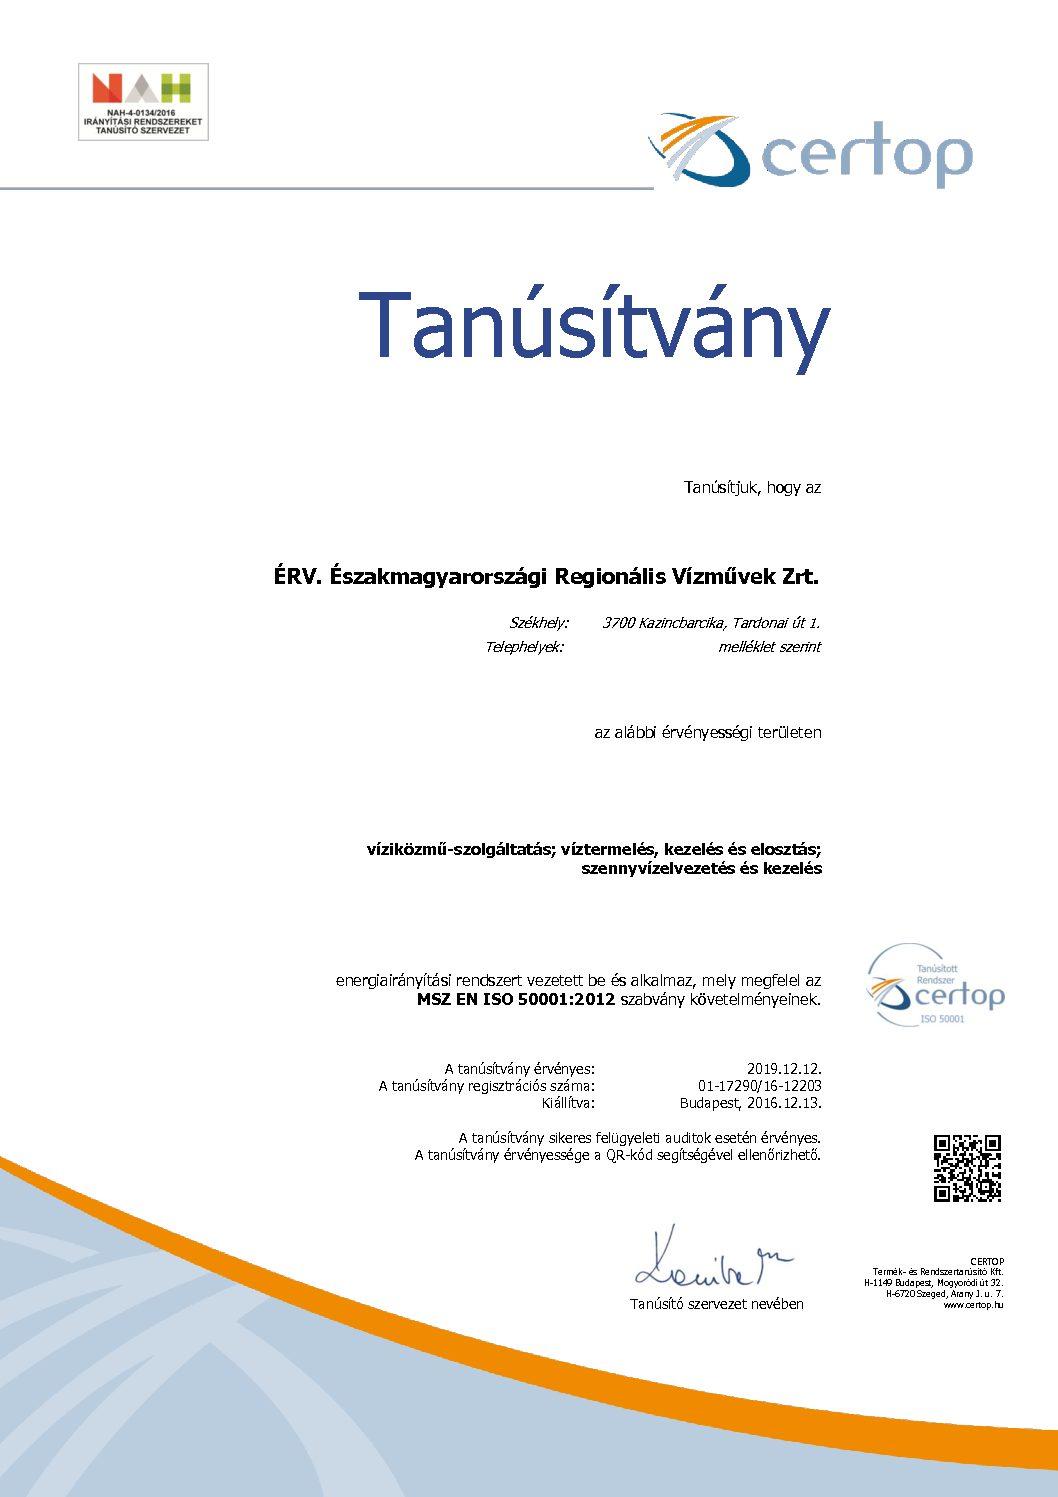 tanúsítvány HU17290-16 MSZ EN ISO 50001-2012 magyar